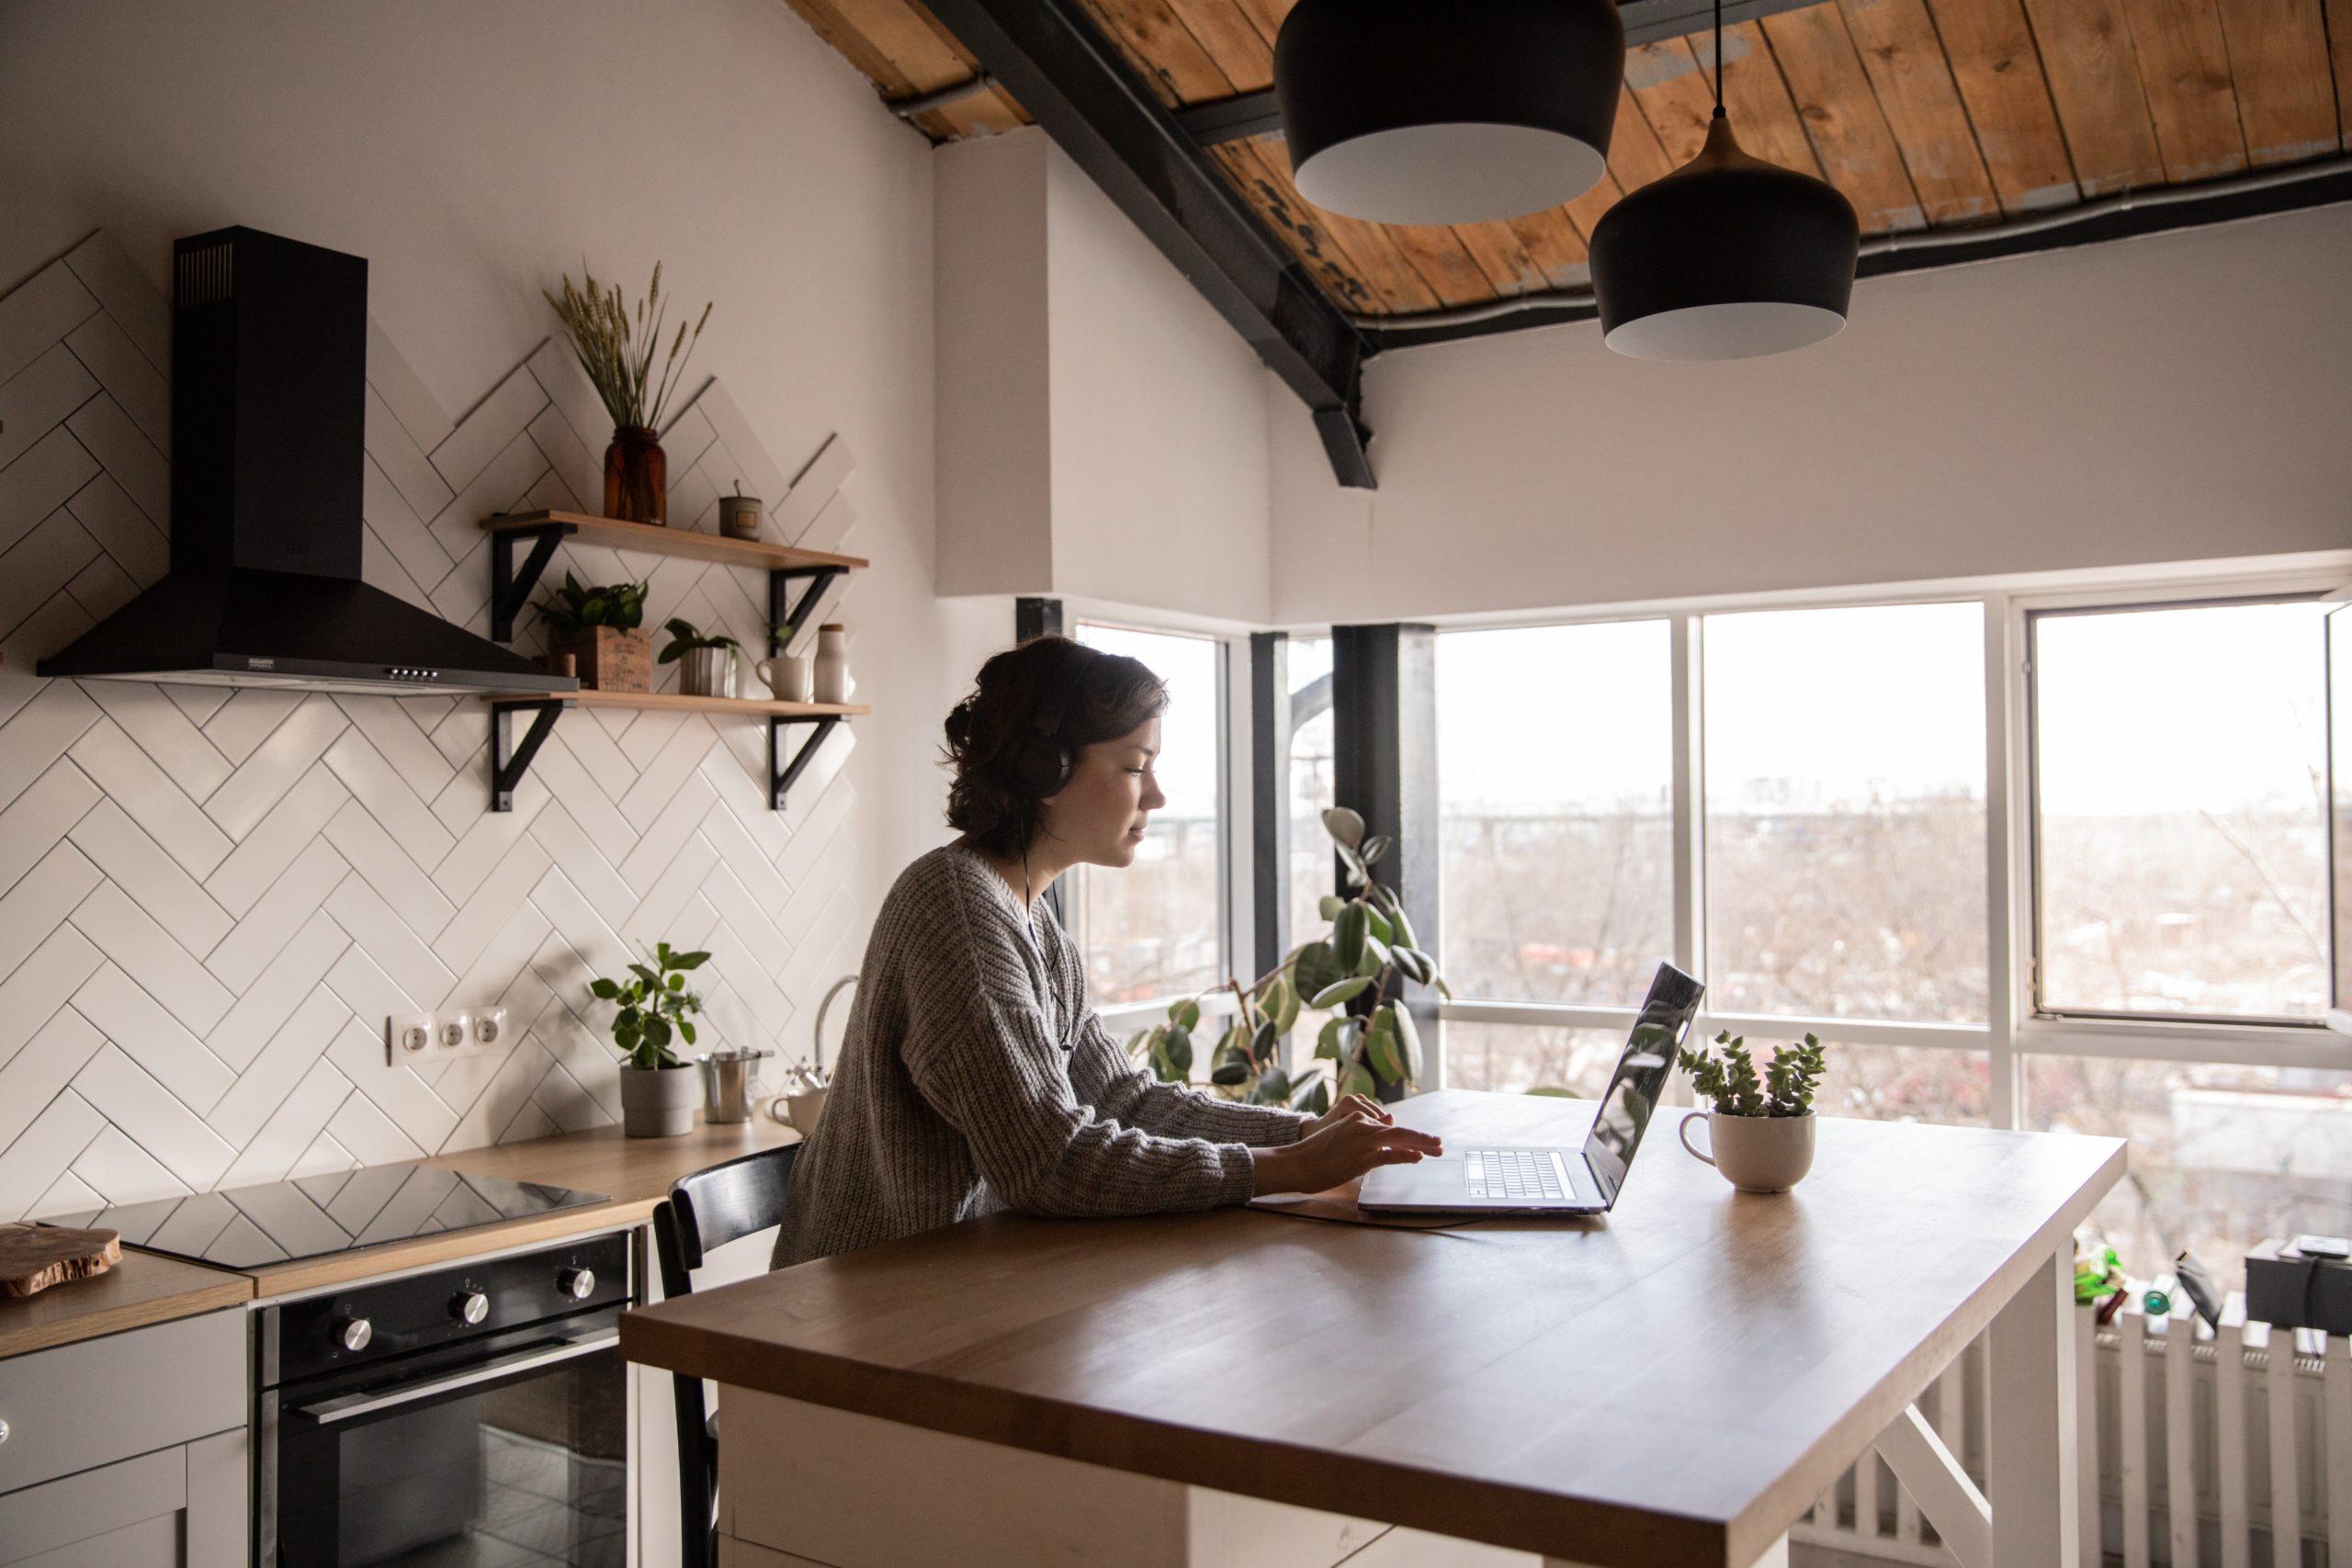 女性が結婚を機に転職する場合の仕事の選び方【5つのチェックポイント】